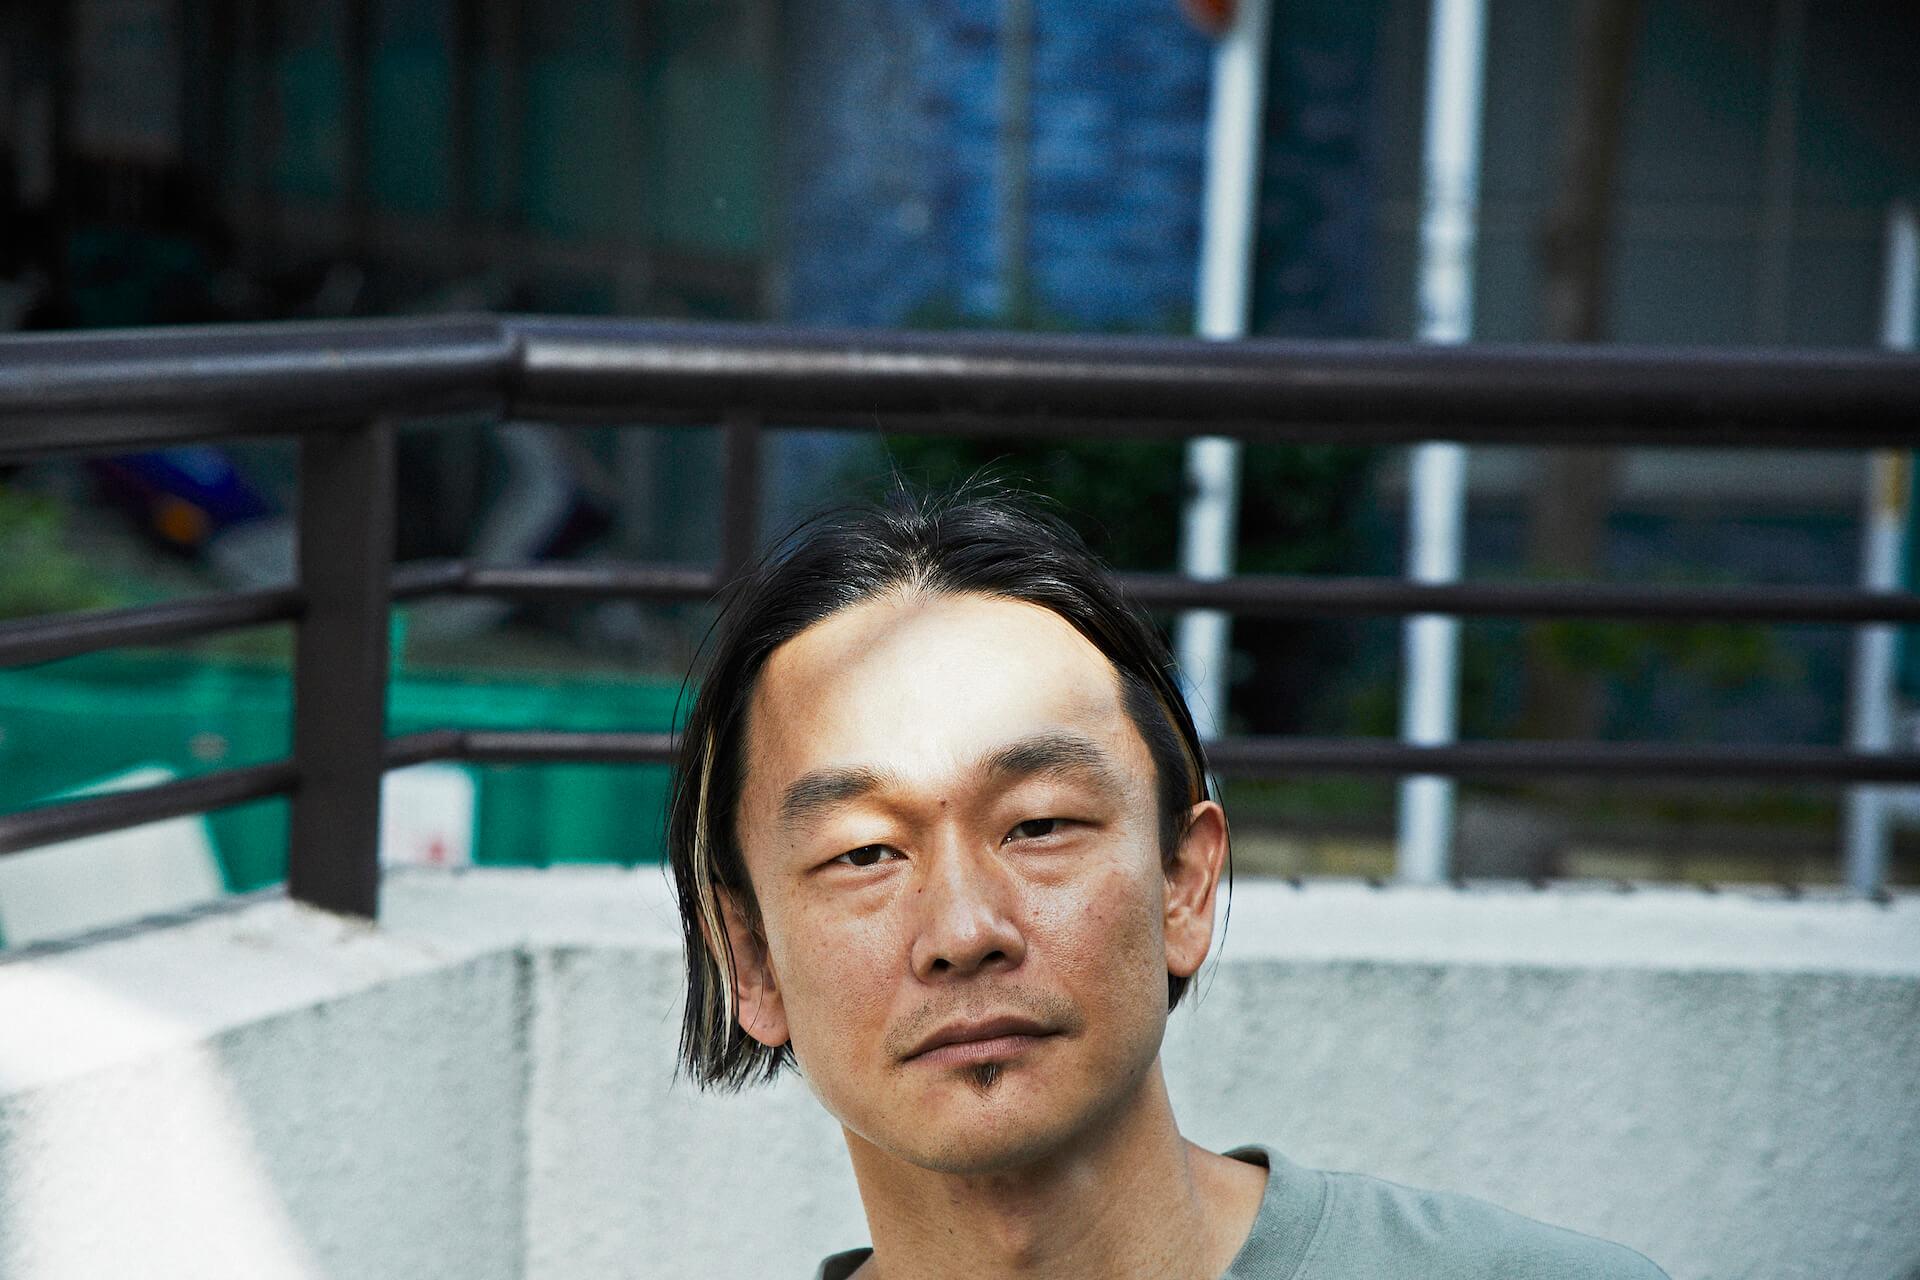 新作『Majo』で描く滞空時間のオルタナティヴとフォークロア interview210709_taikuhjikang_8